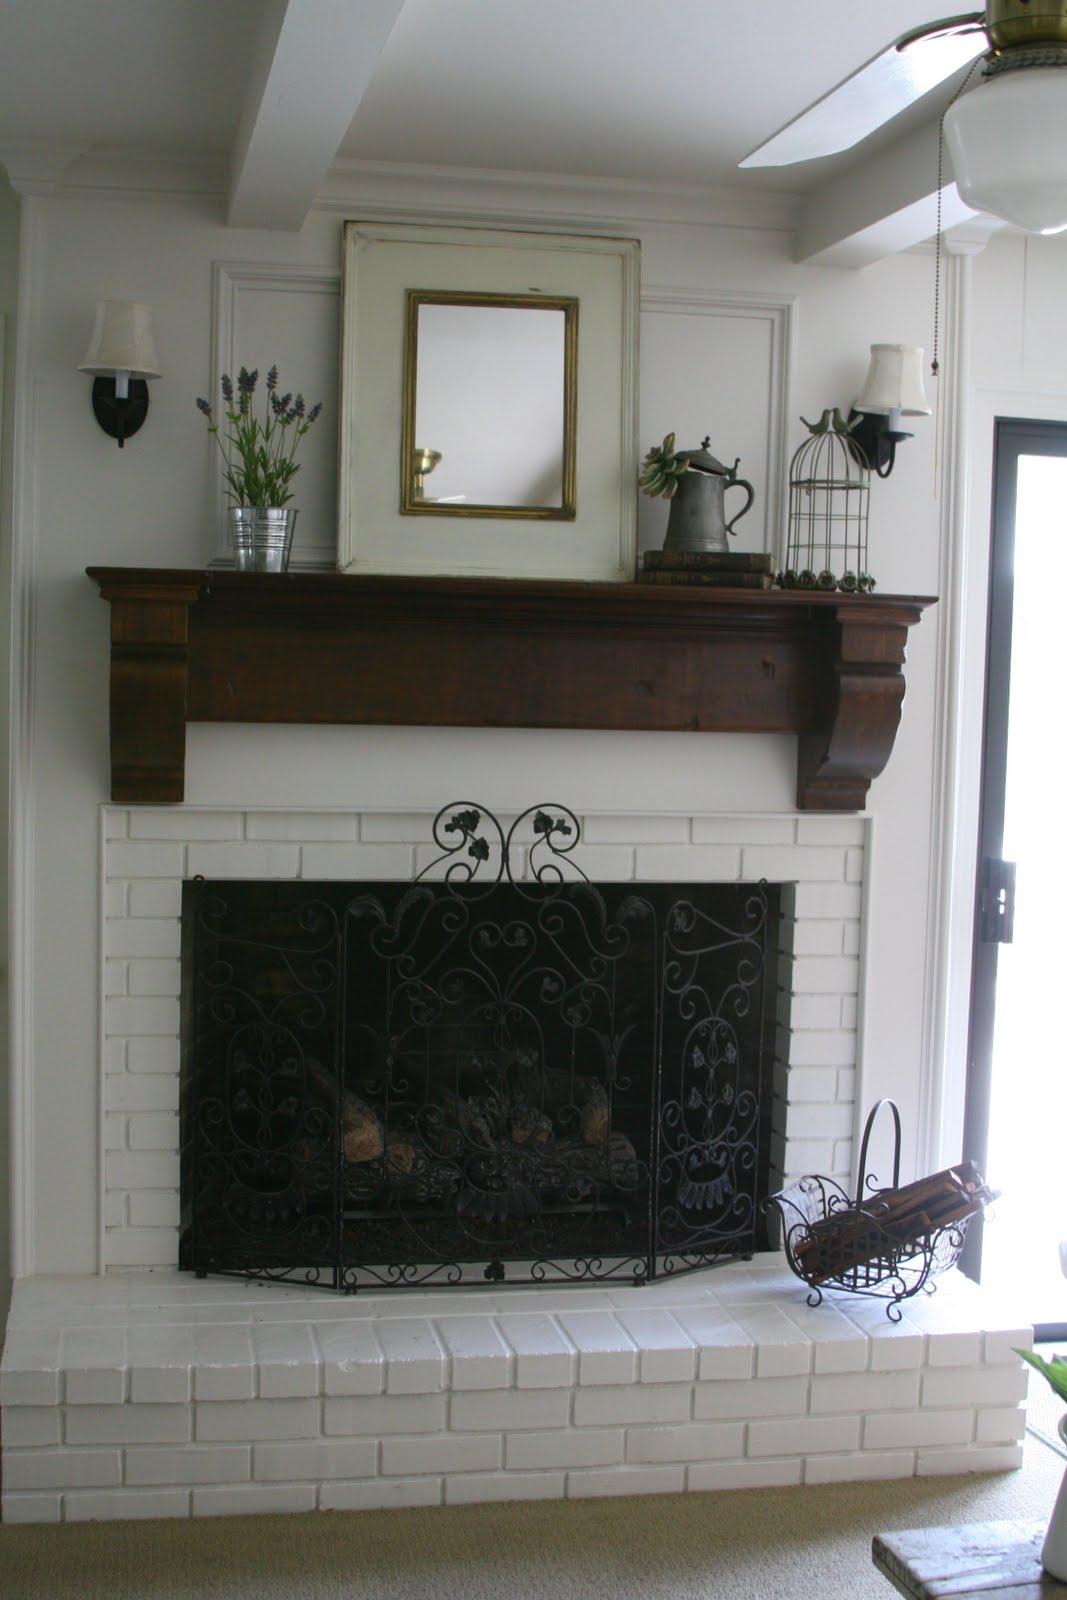 Celebrating the Ordinary: A fireplace redo